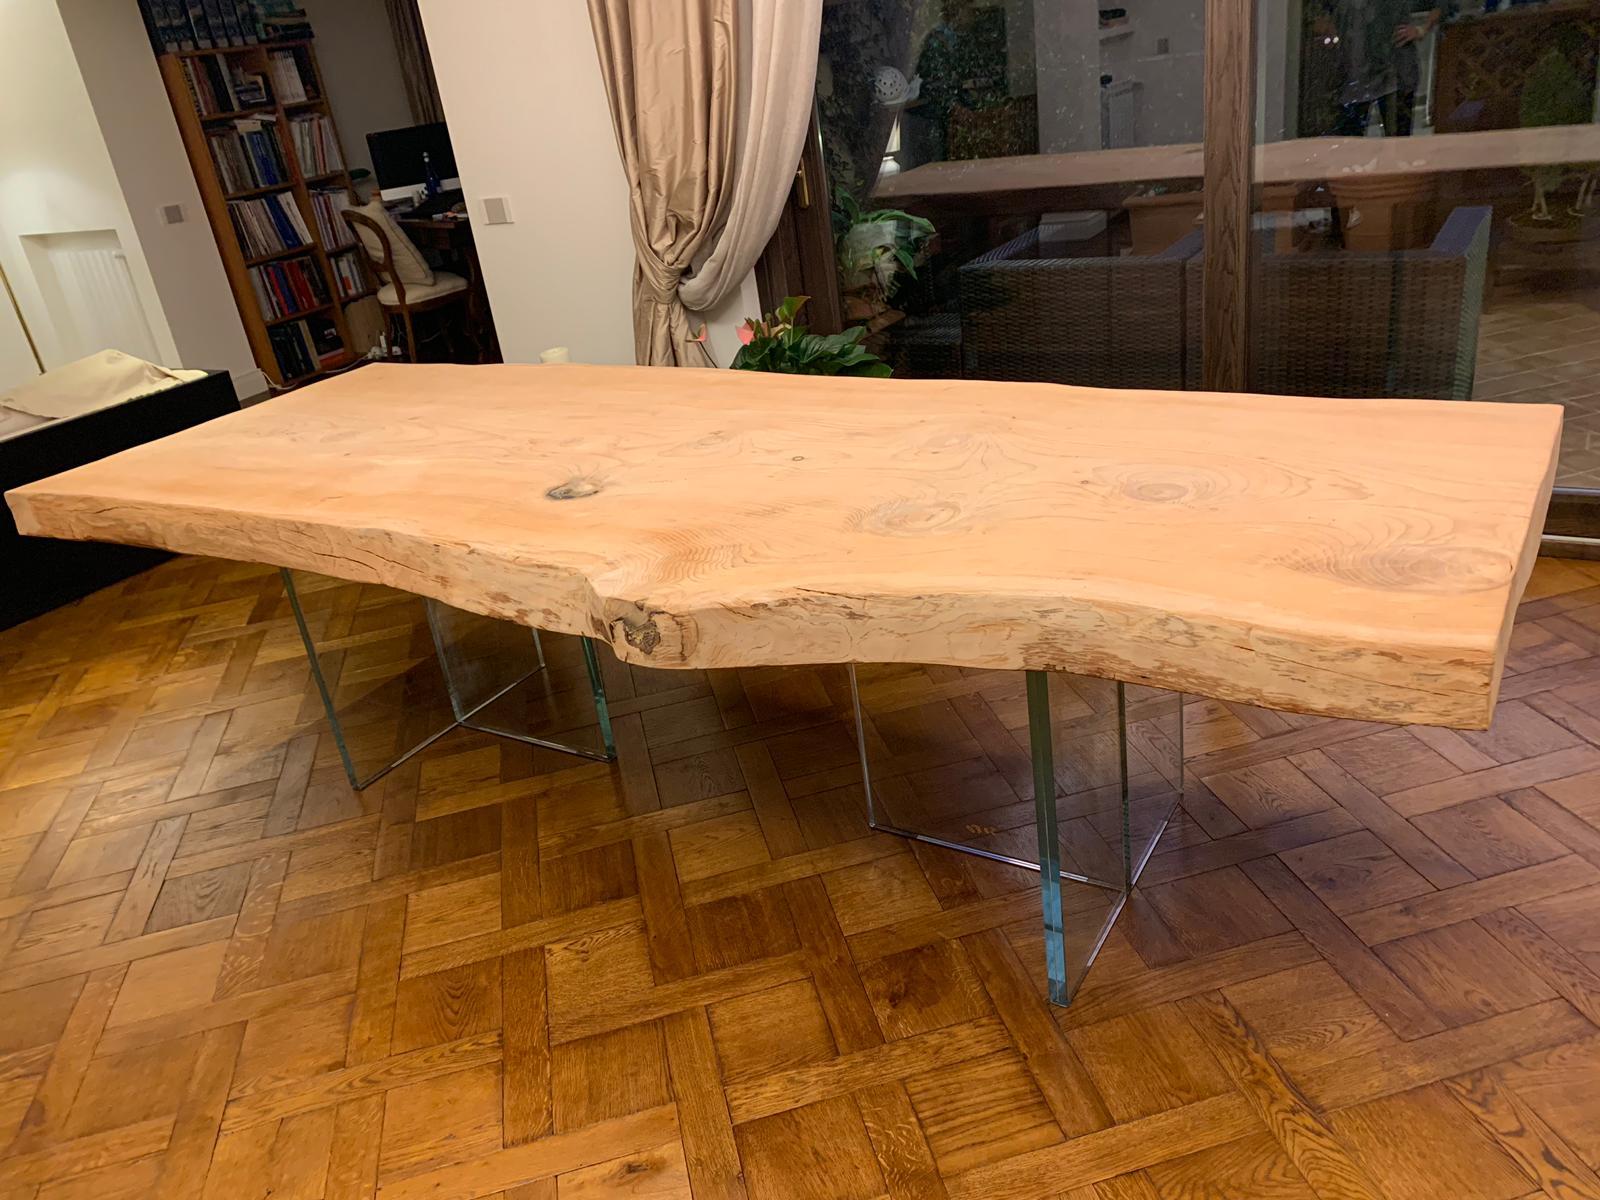 tavoli in legno con corteccia ESCAPE='HTML'